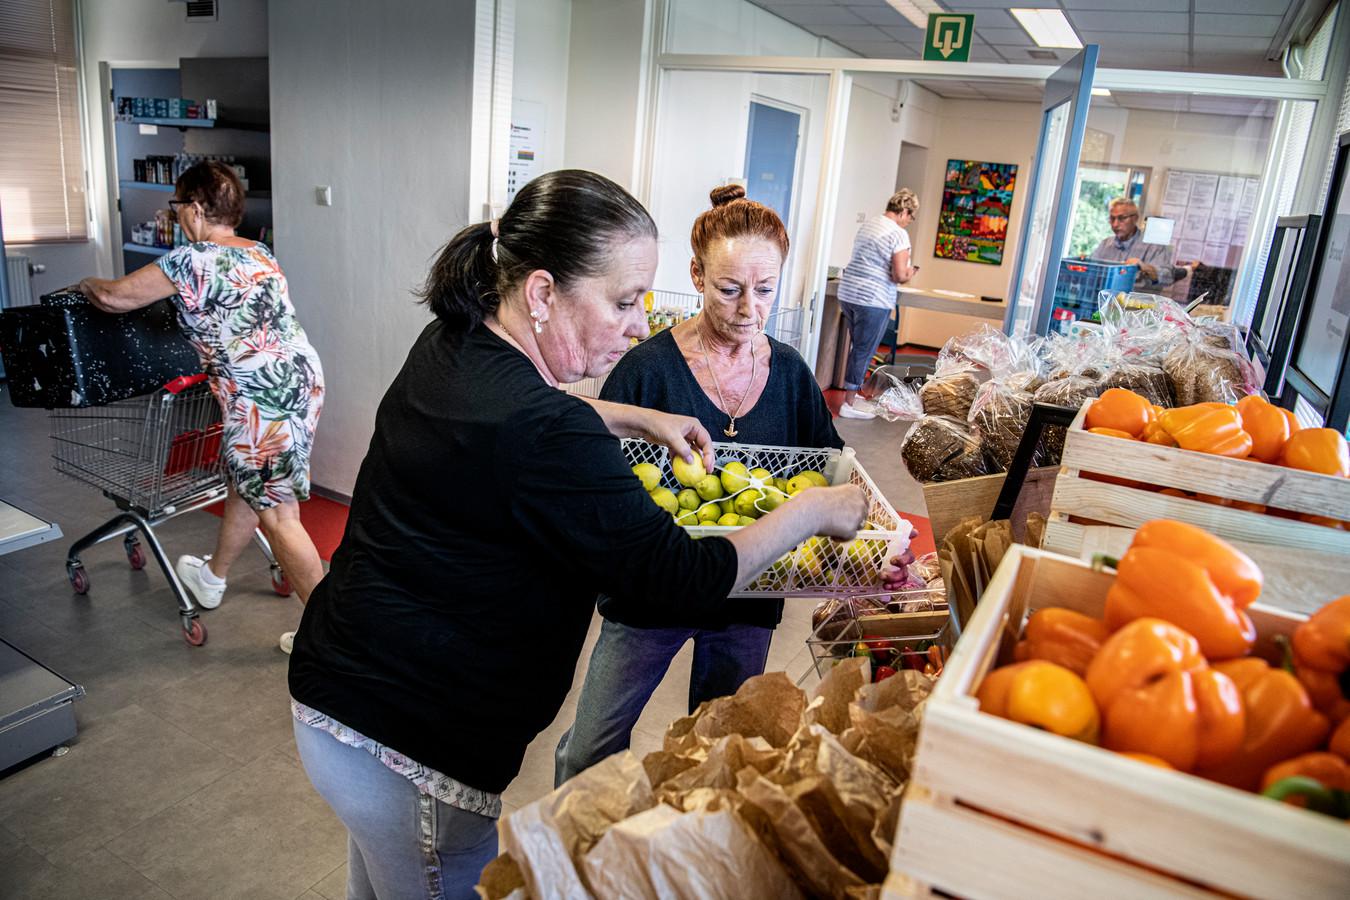 De voedselbank opende 6 juni in het voormalige consultatiebureau aan de Irenestraat in Druten.